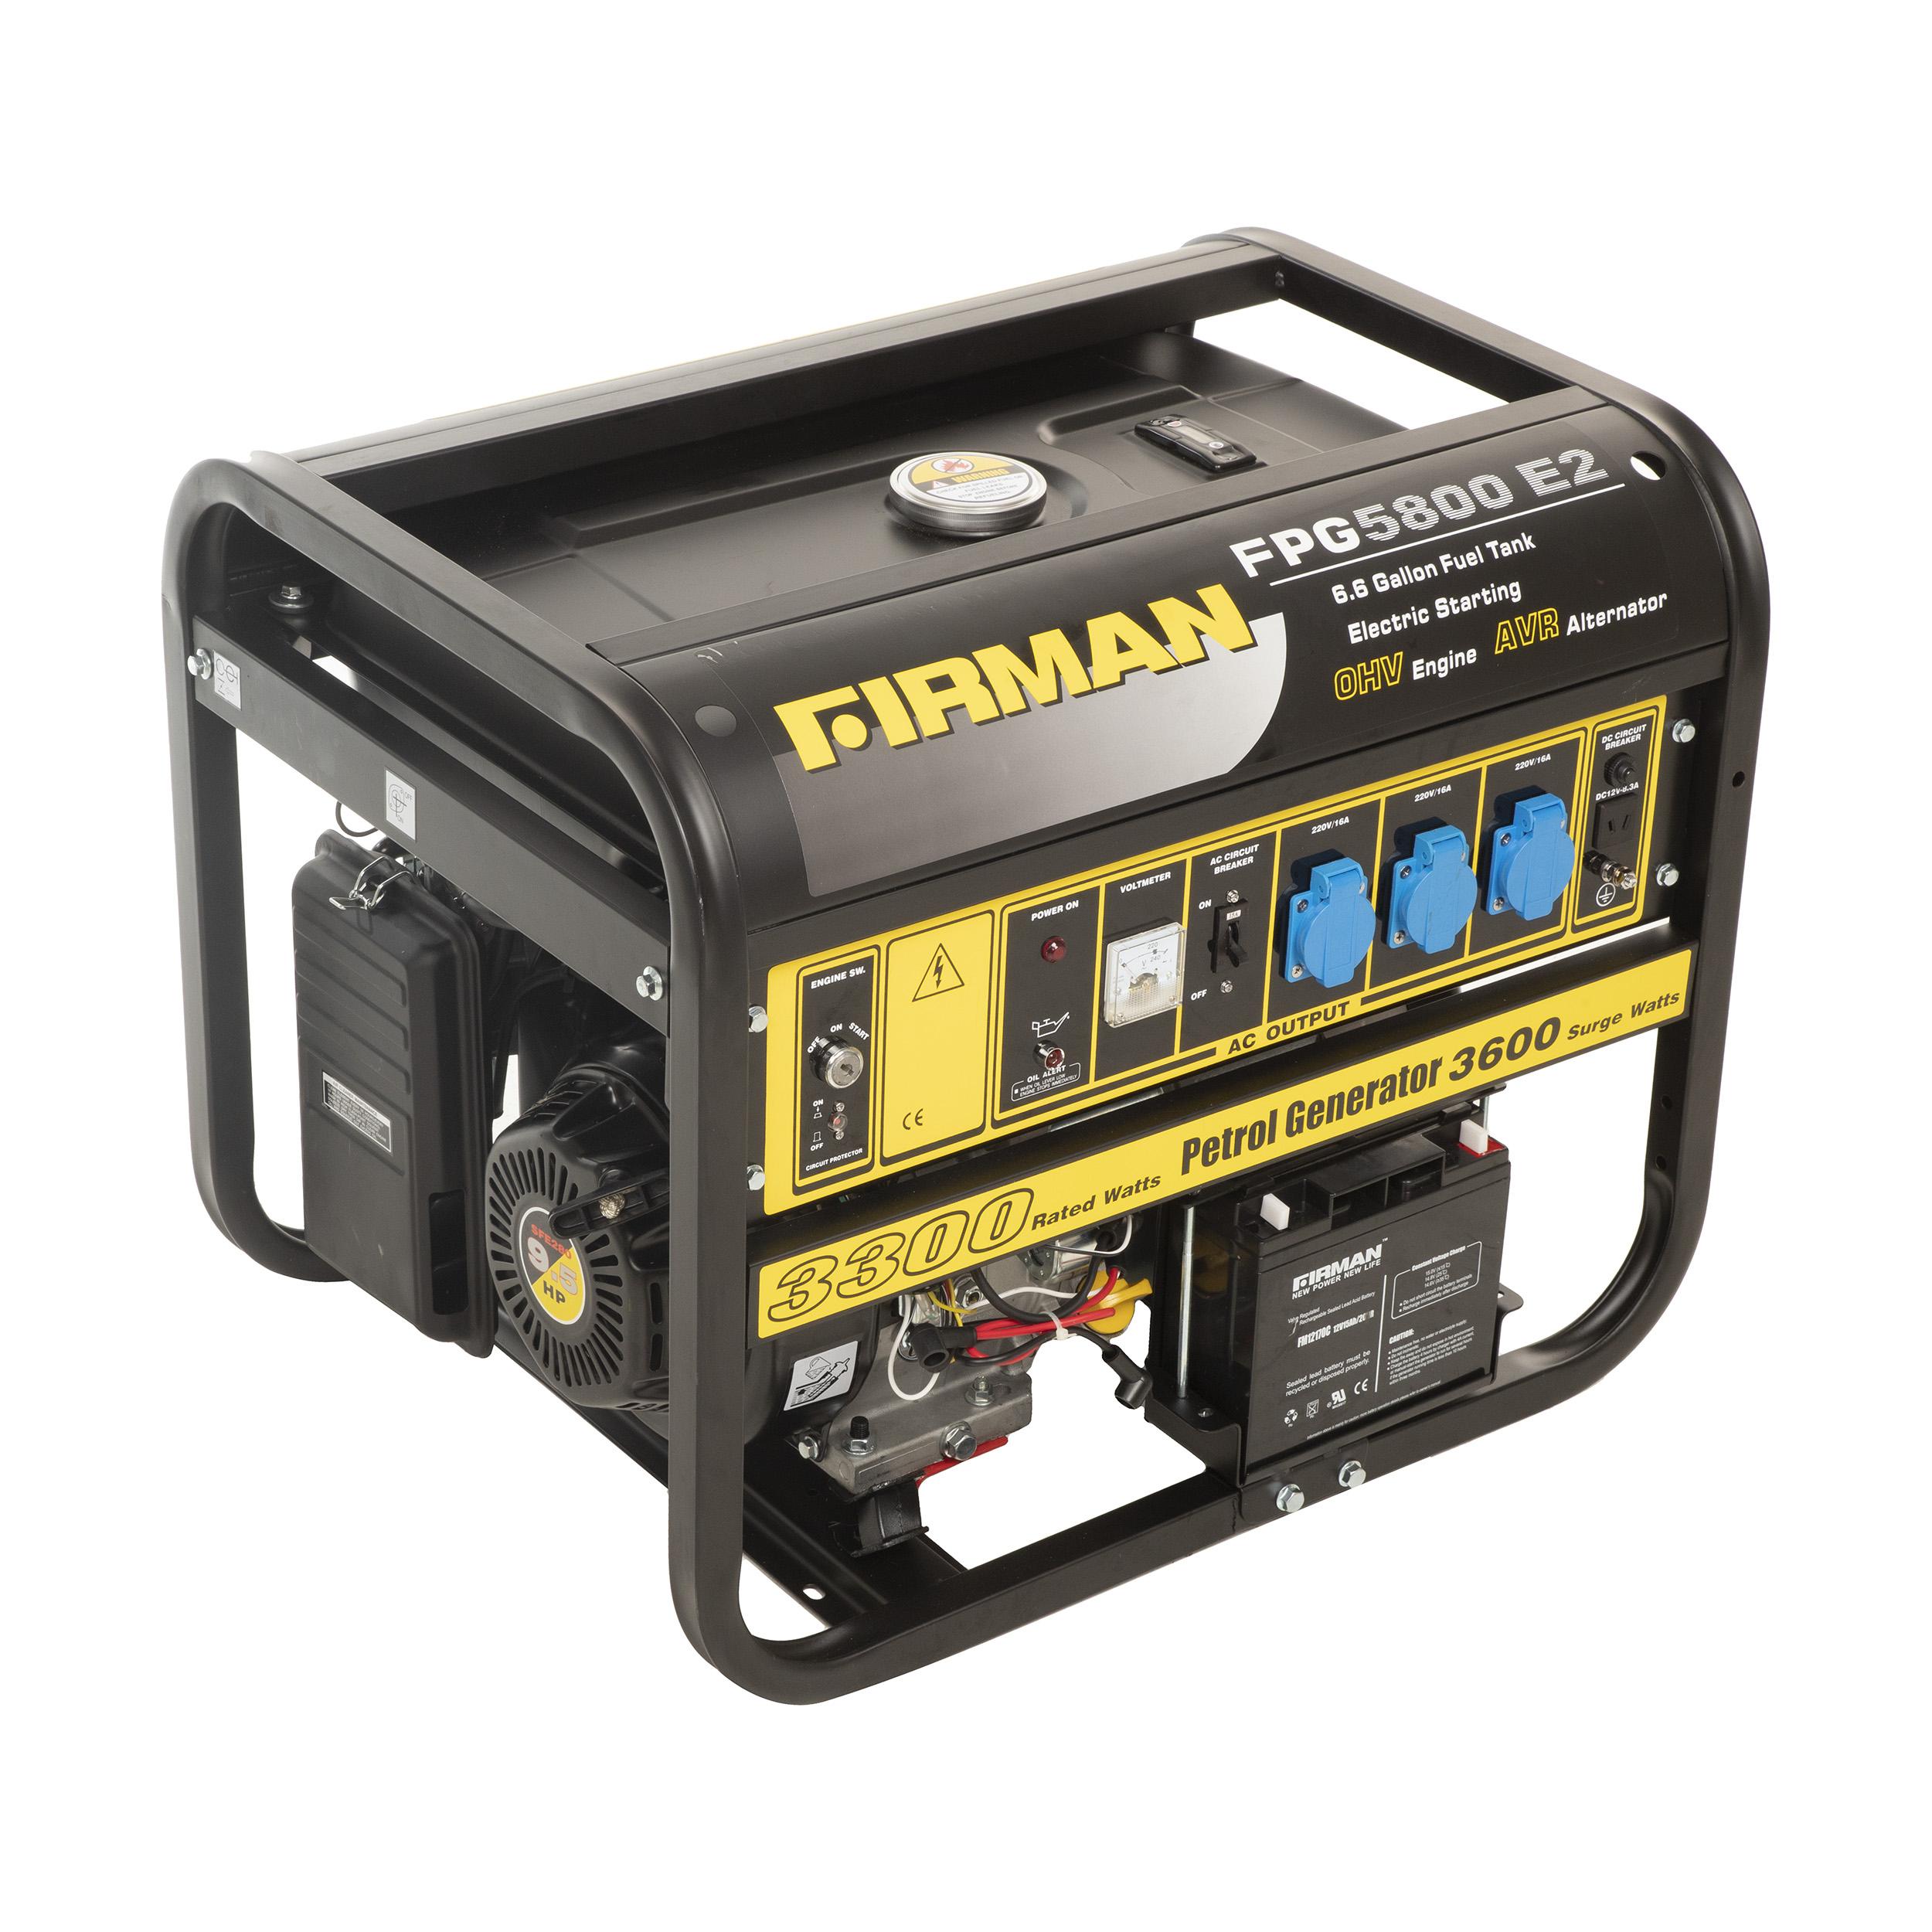 موتور برق فیرمن مدل FPG5800E2